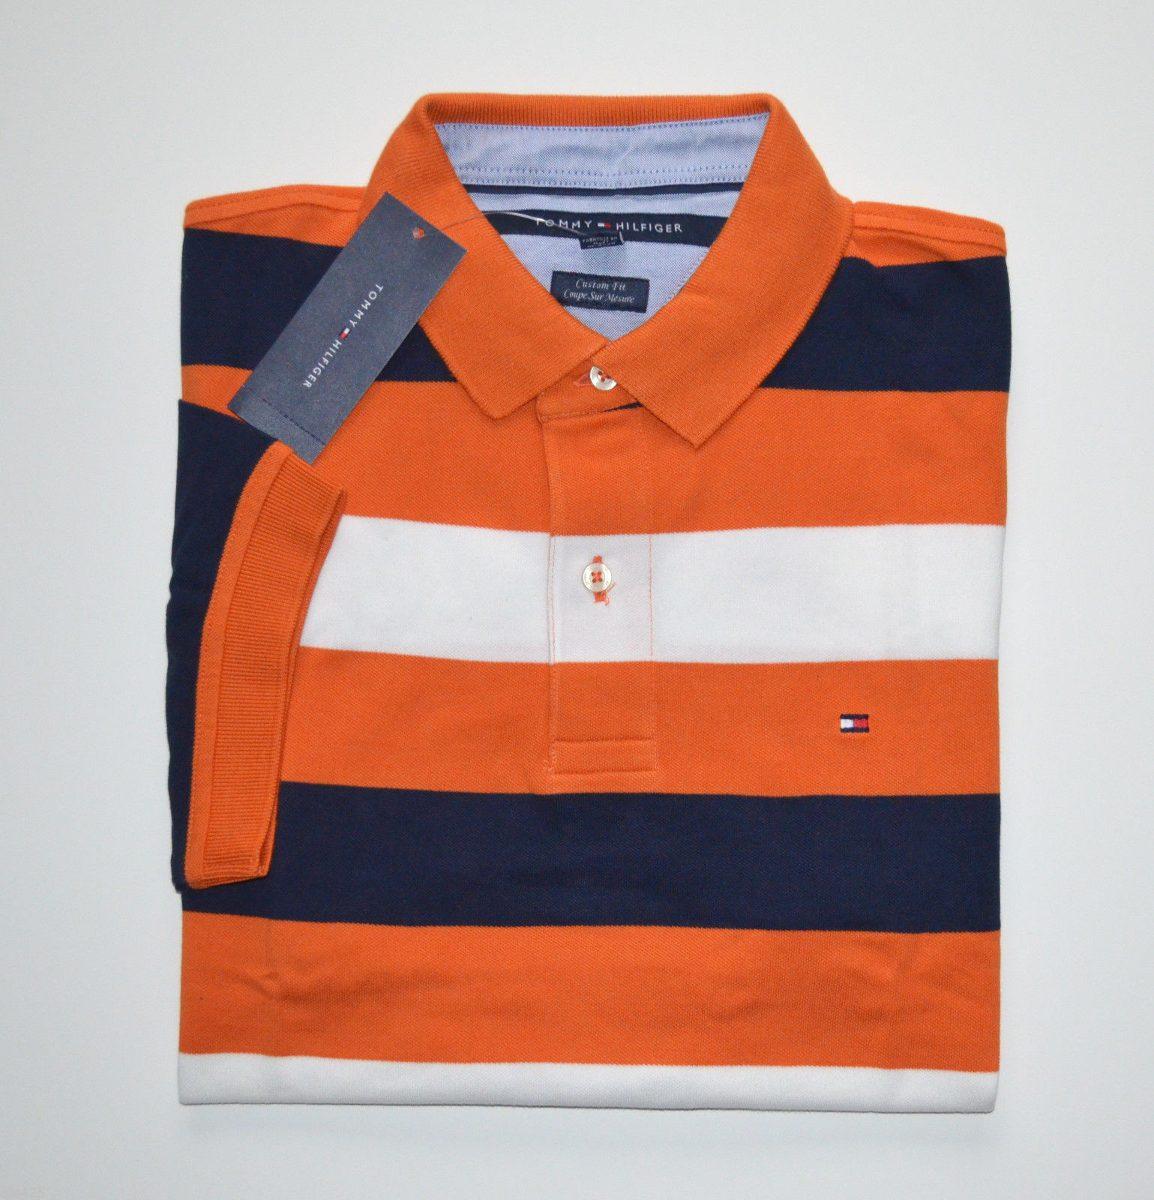 camisa polo tommy hilfiger tamanho p   s vários modelos. Carregando zoom. b20abe85b3124